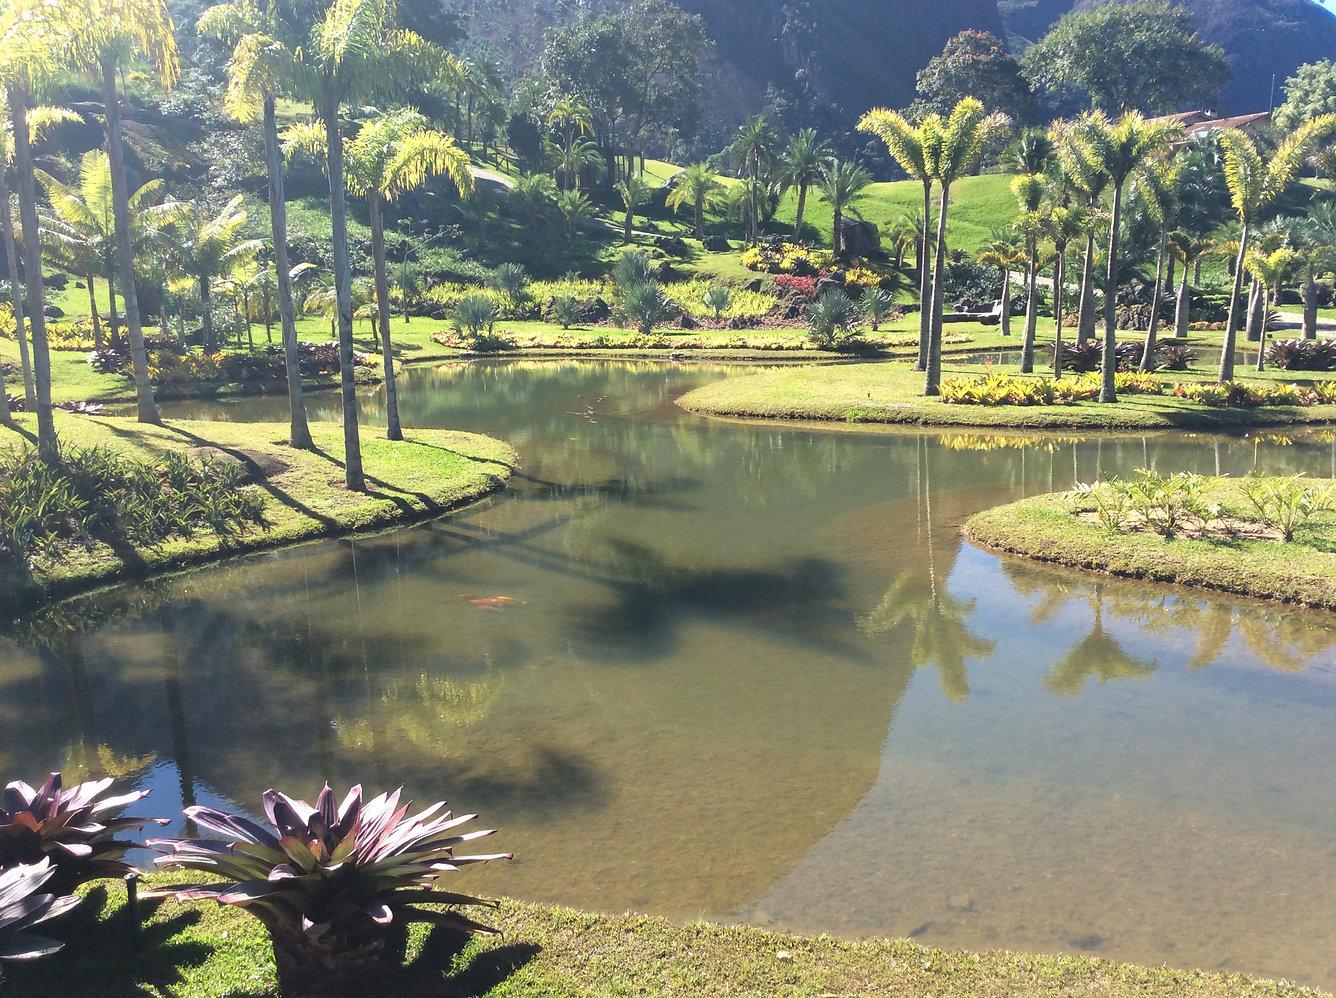 construção lago artificial Rio de Janeir